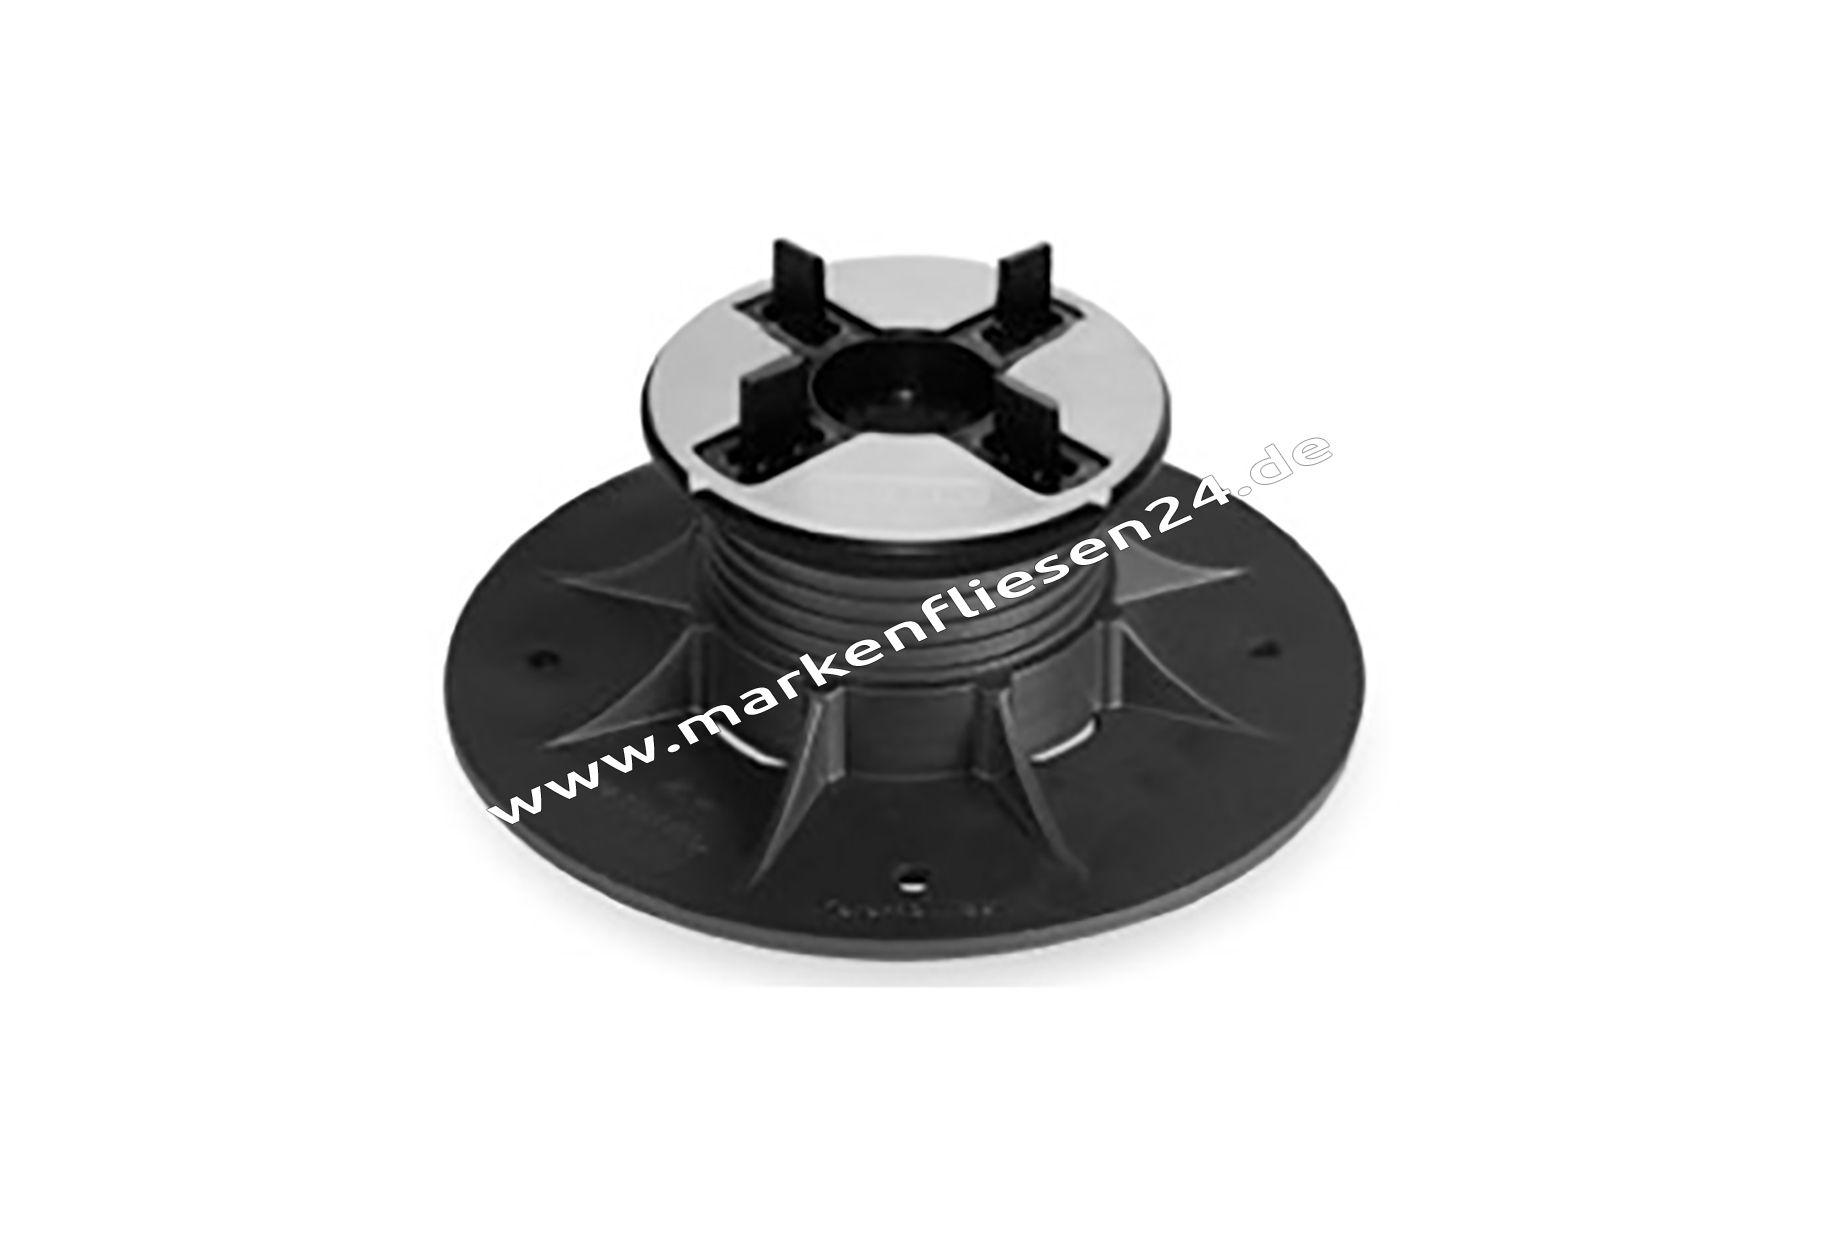 Eterno ivica profi stelzlager se2 50 75 mm h henverstellbar selbstnivellierbar fliesen outlet - Zementfliesen outlet ...